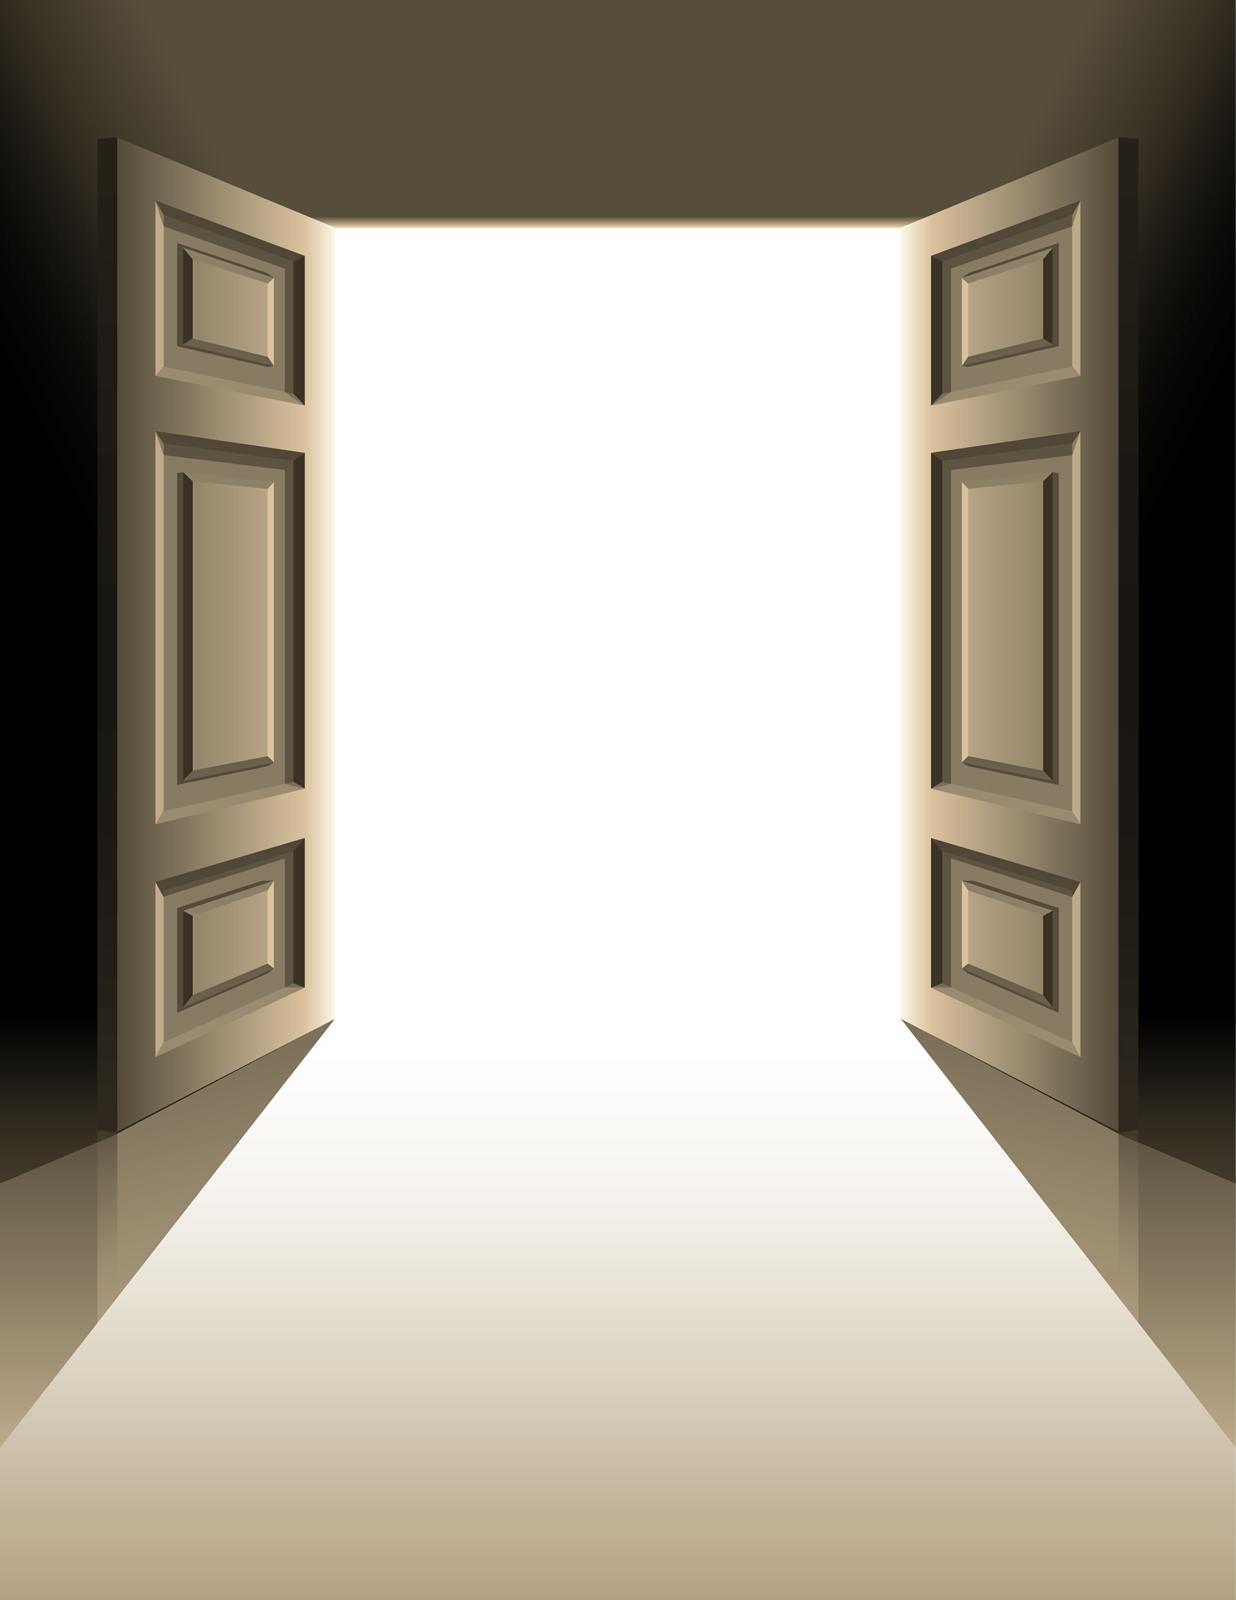 Opening Up The Doors: Opening Up Your Open Door